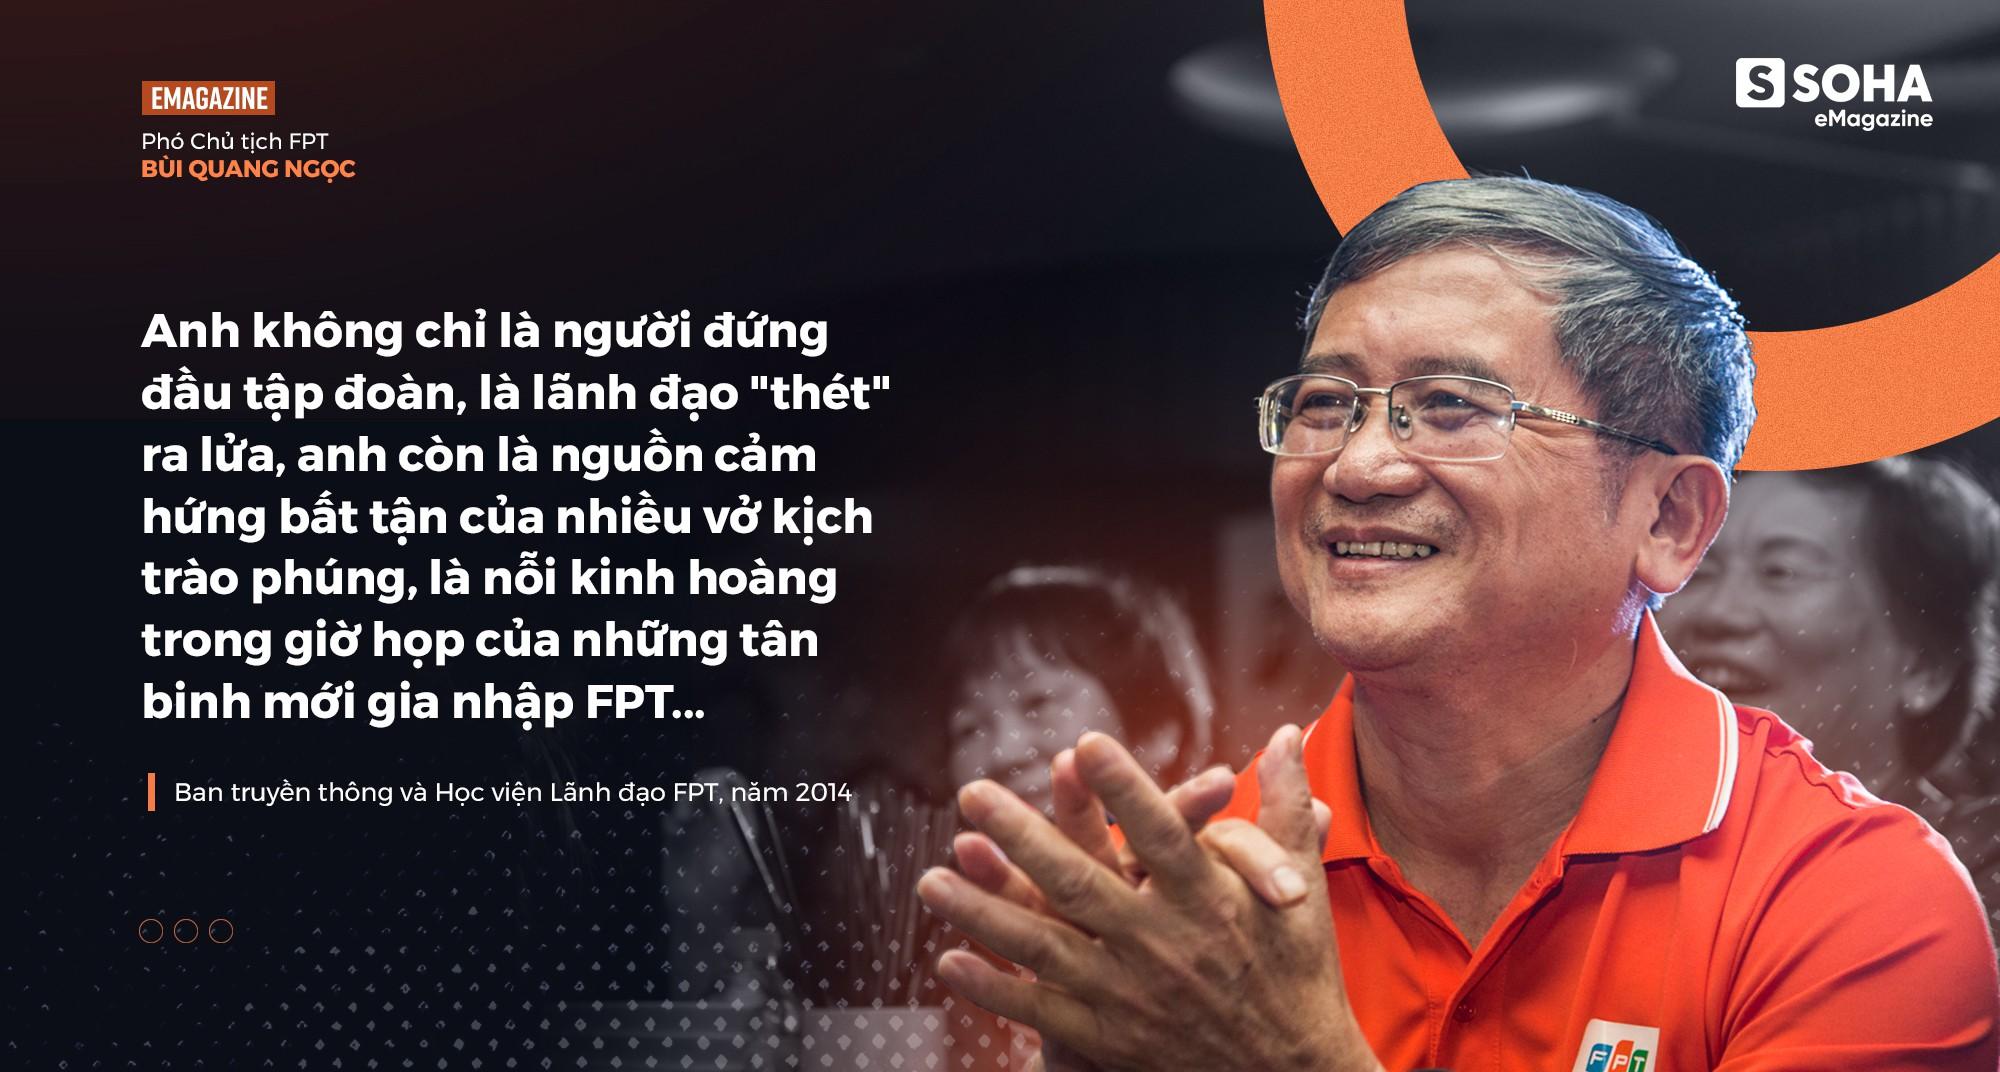 Phó chủ tịch FPT Bùi Quang Ngọc: Tôi chưa thấy người đàn ông nào mà tôi quen biết lại không sợ vợ - Ảnh 12.